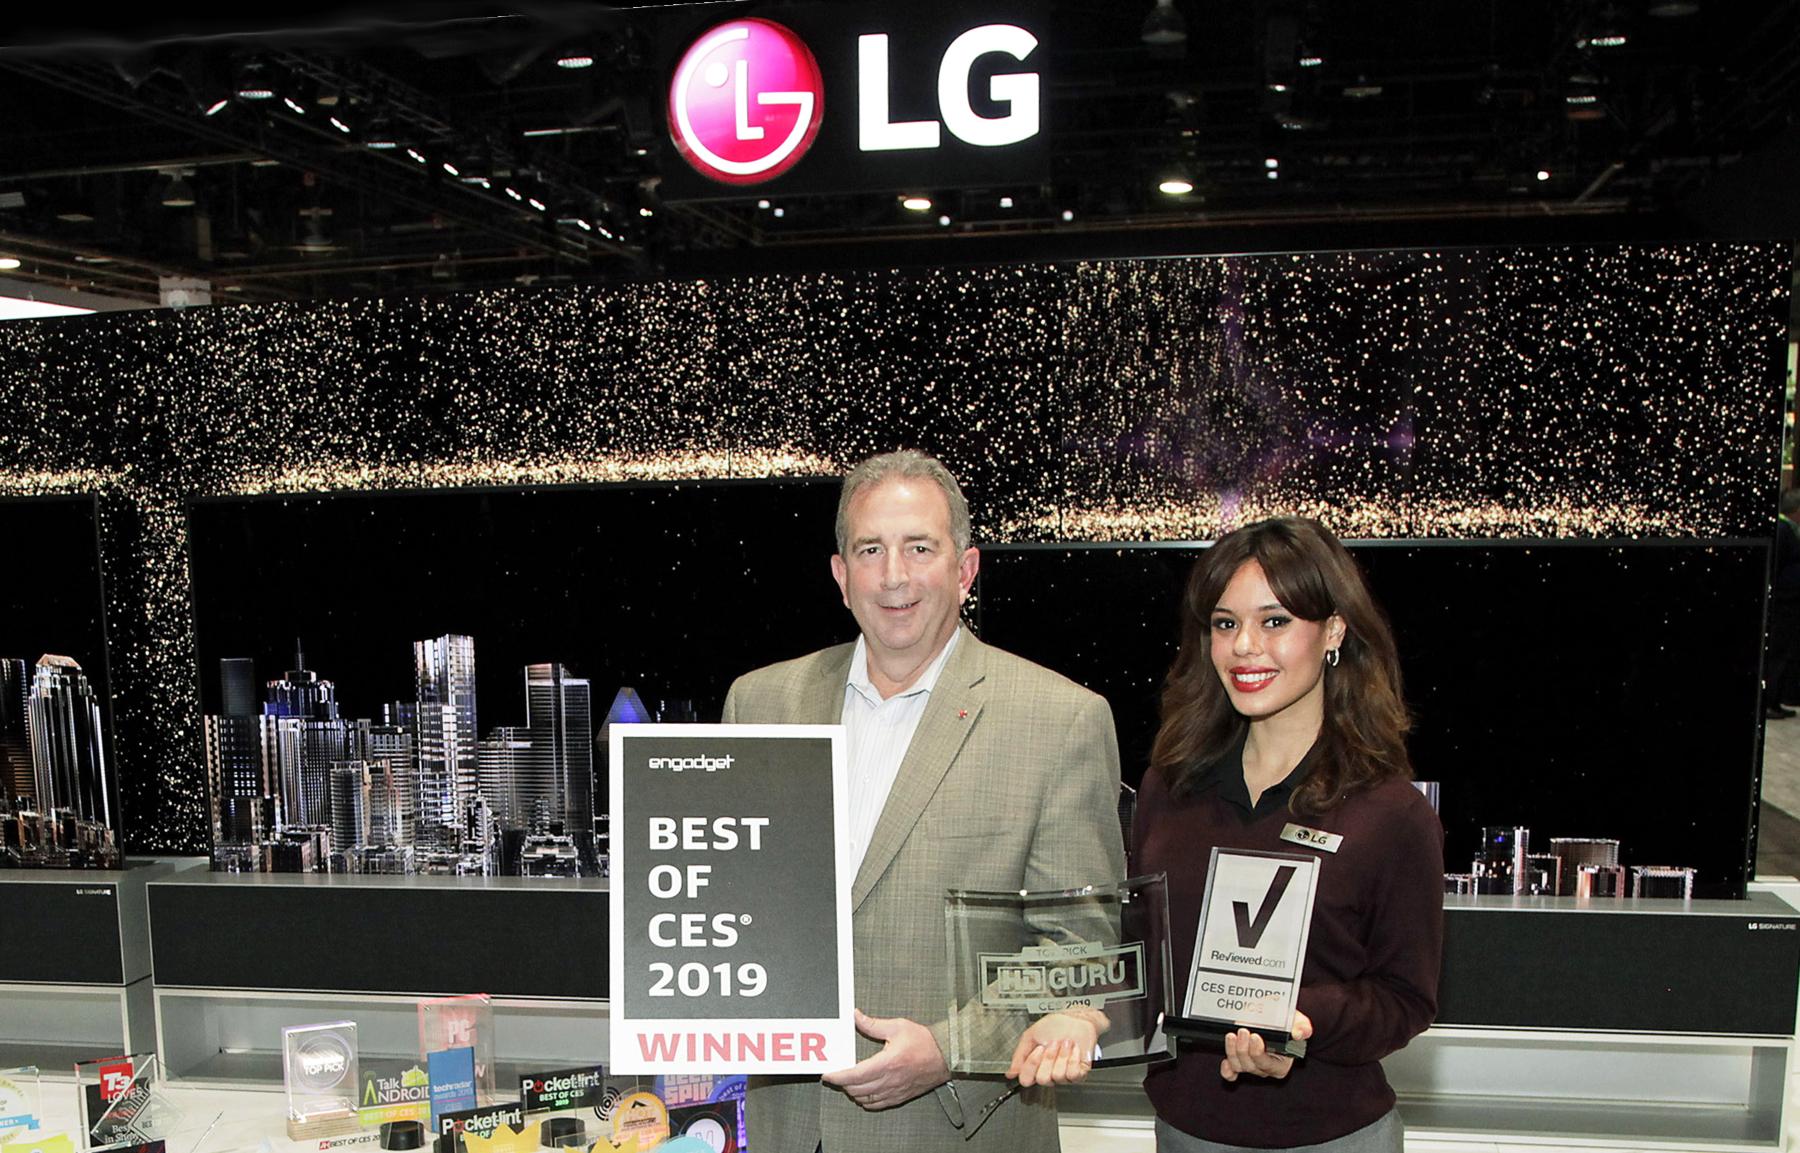 LG RECIBE MÁS DE 140 PREMIOS Y HONORES A TRAVÉS DE VARIAS CATEGORÍAS – PREMIOS CES 2019 LG